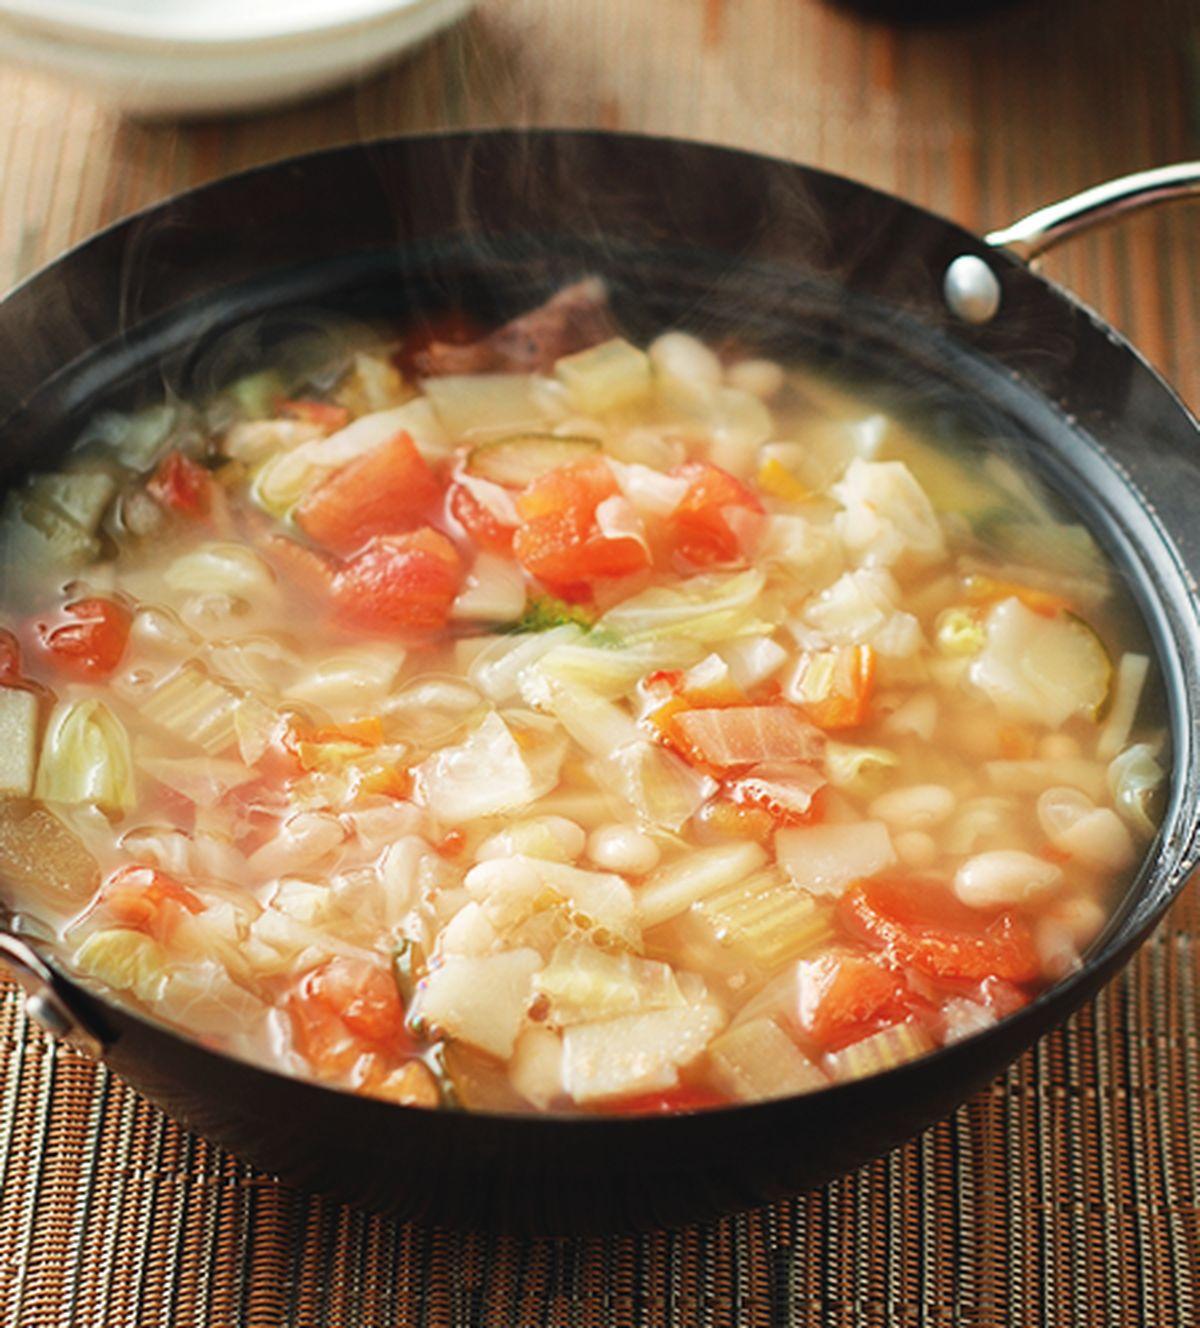 食譜:普羅旺斯白豆彩蔬鍋